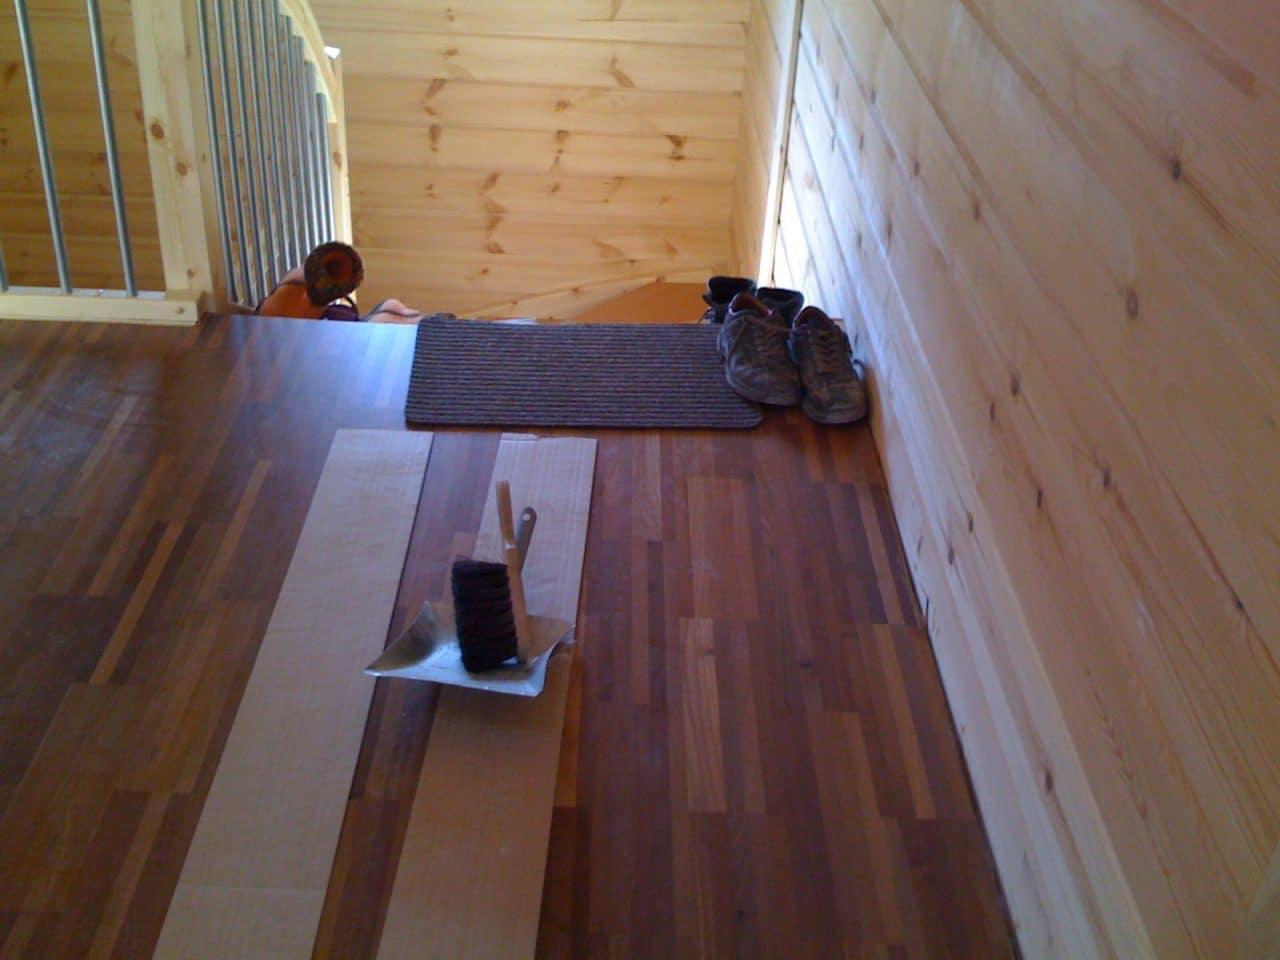 liste der vorteile und nachteile von holzhaus und blockhaus blockhaus. Black Bedroom Furniture Sets. Home Design Ideas